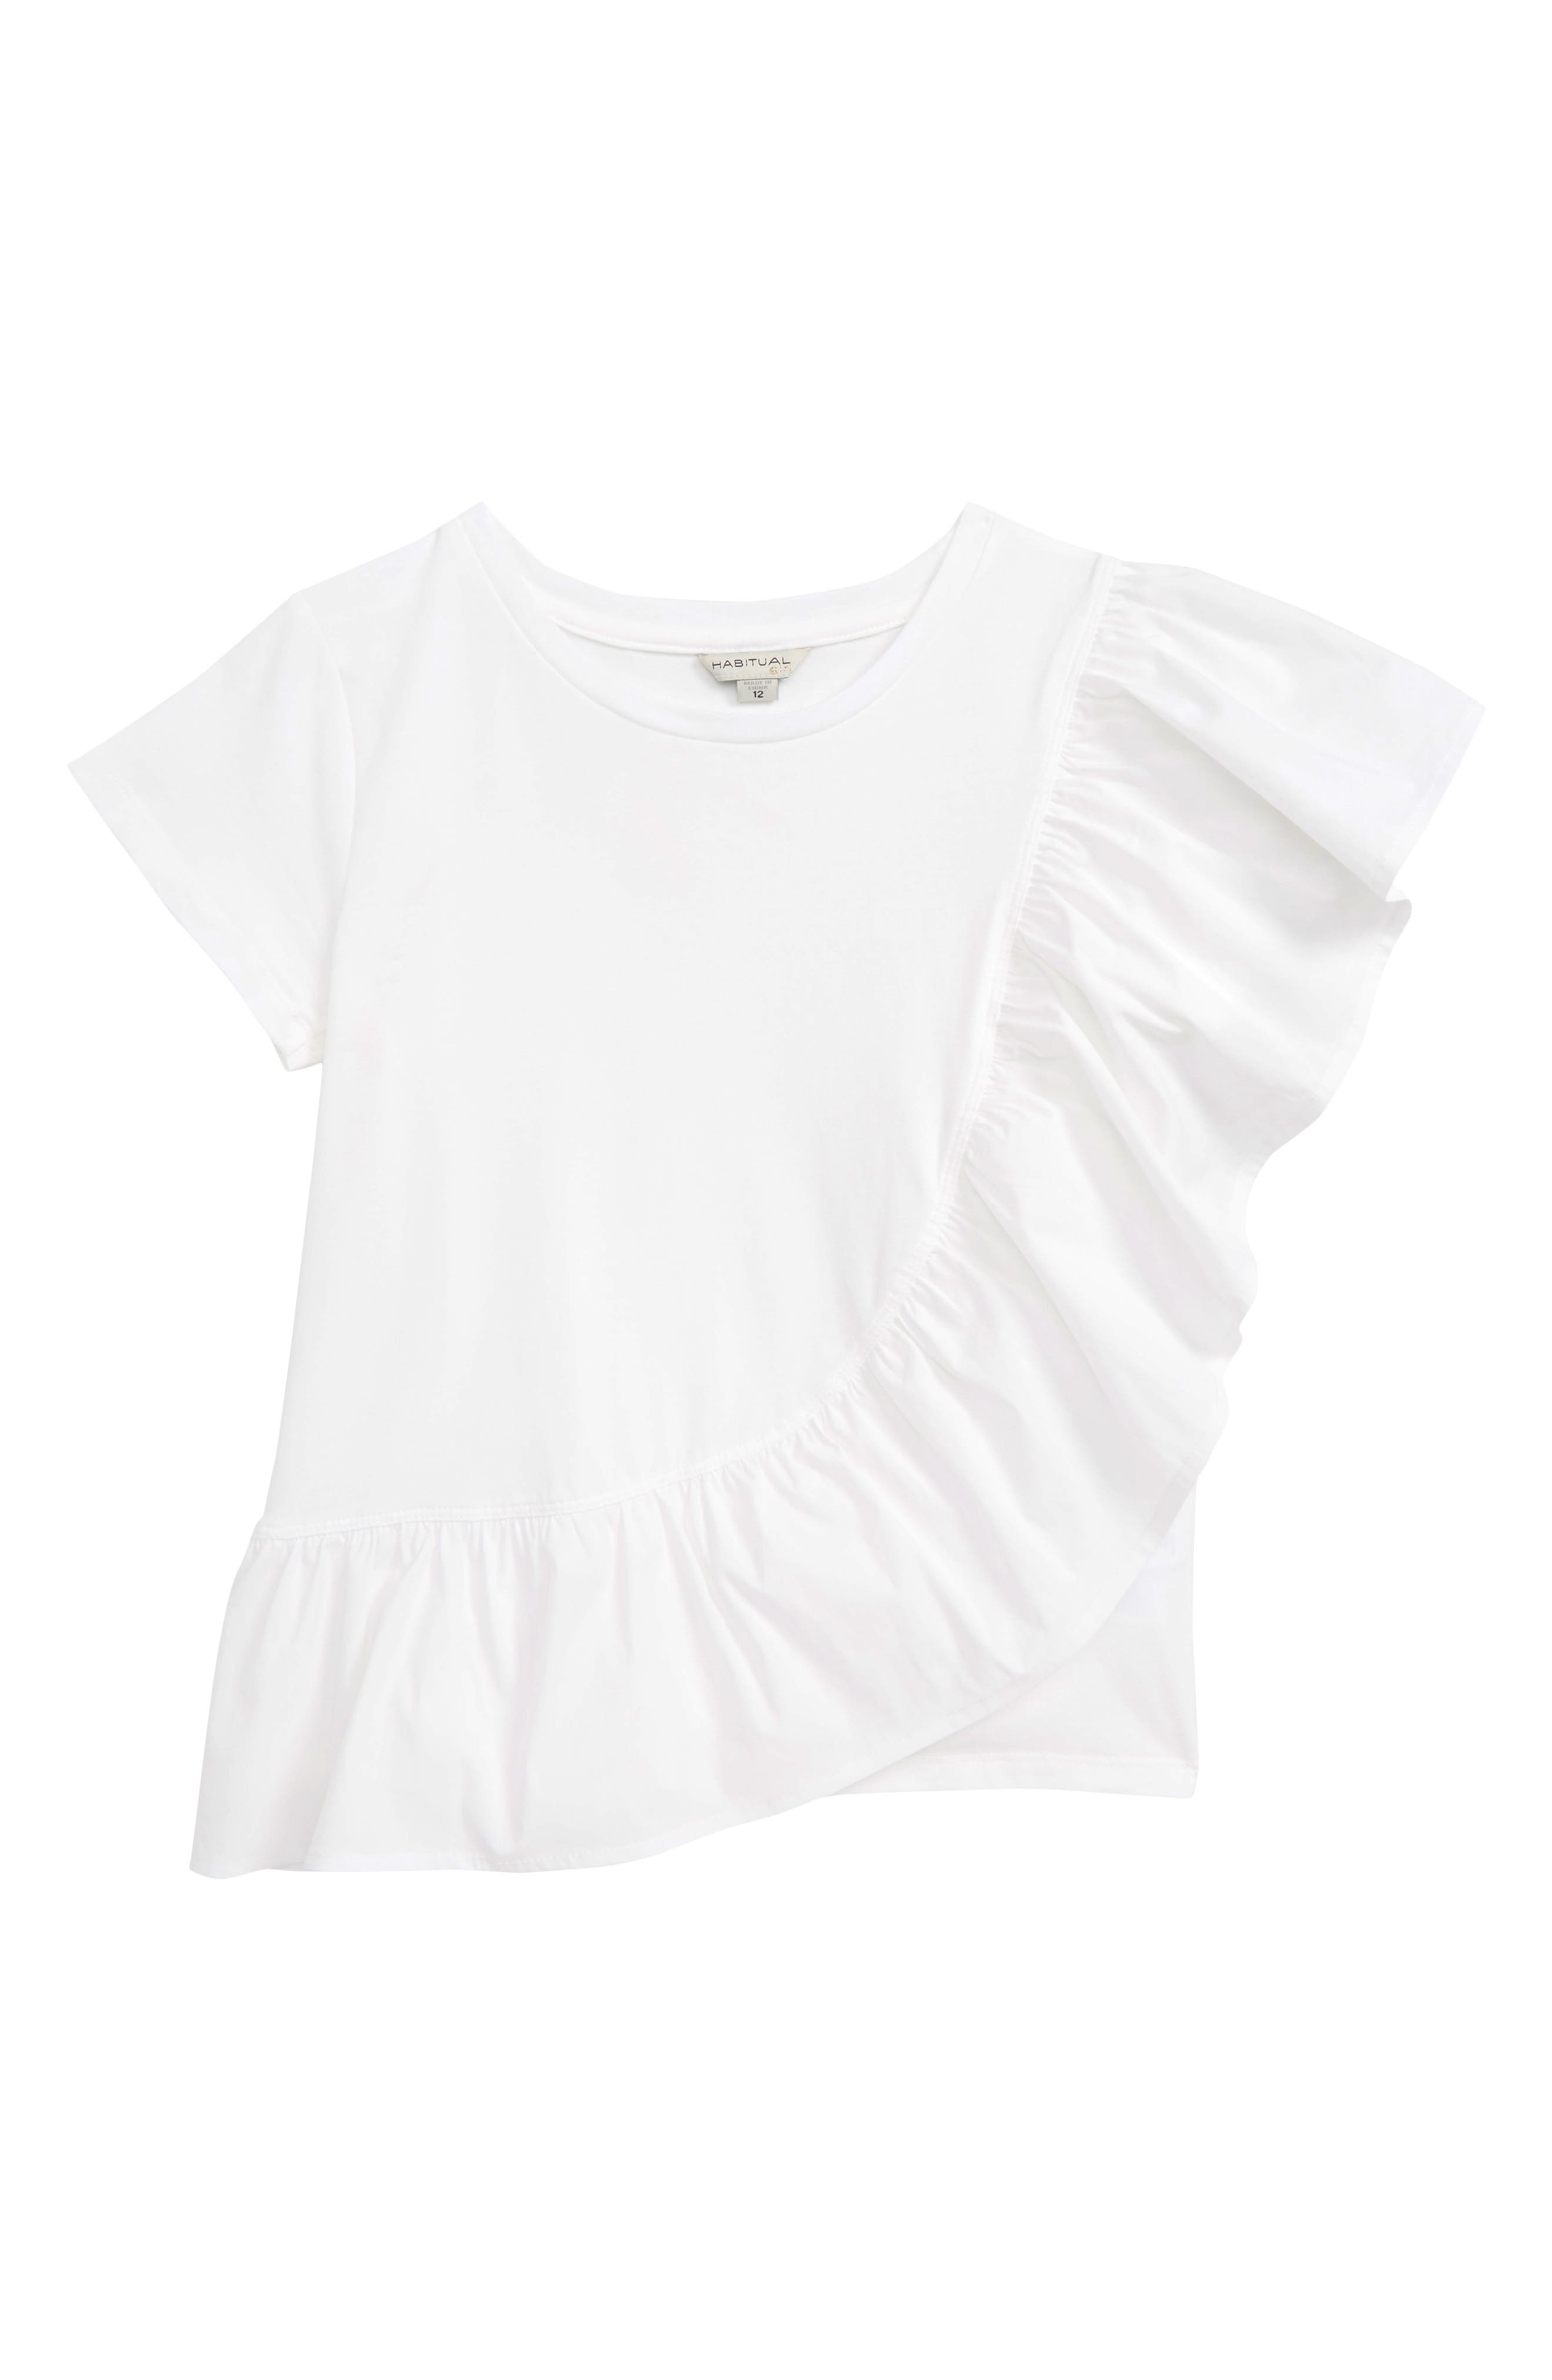 HABITUAL GIRL Cilla Asymmetrical Ruffle Top, Main, color, WHITE